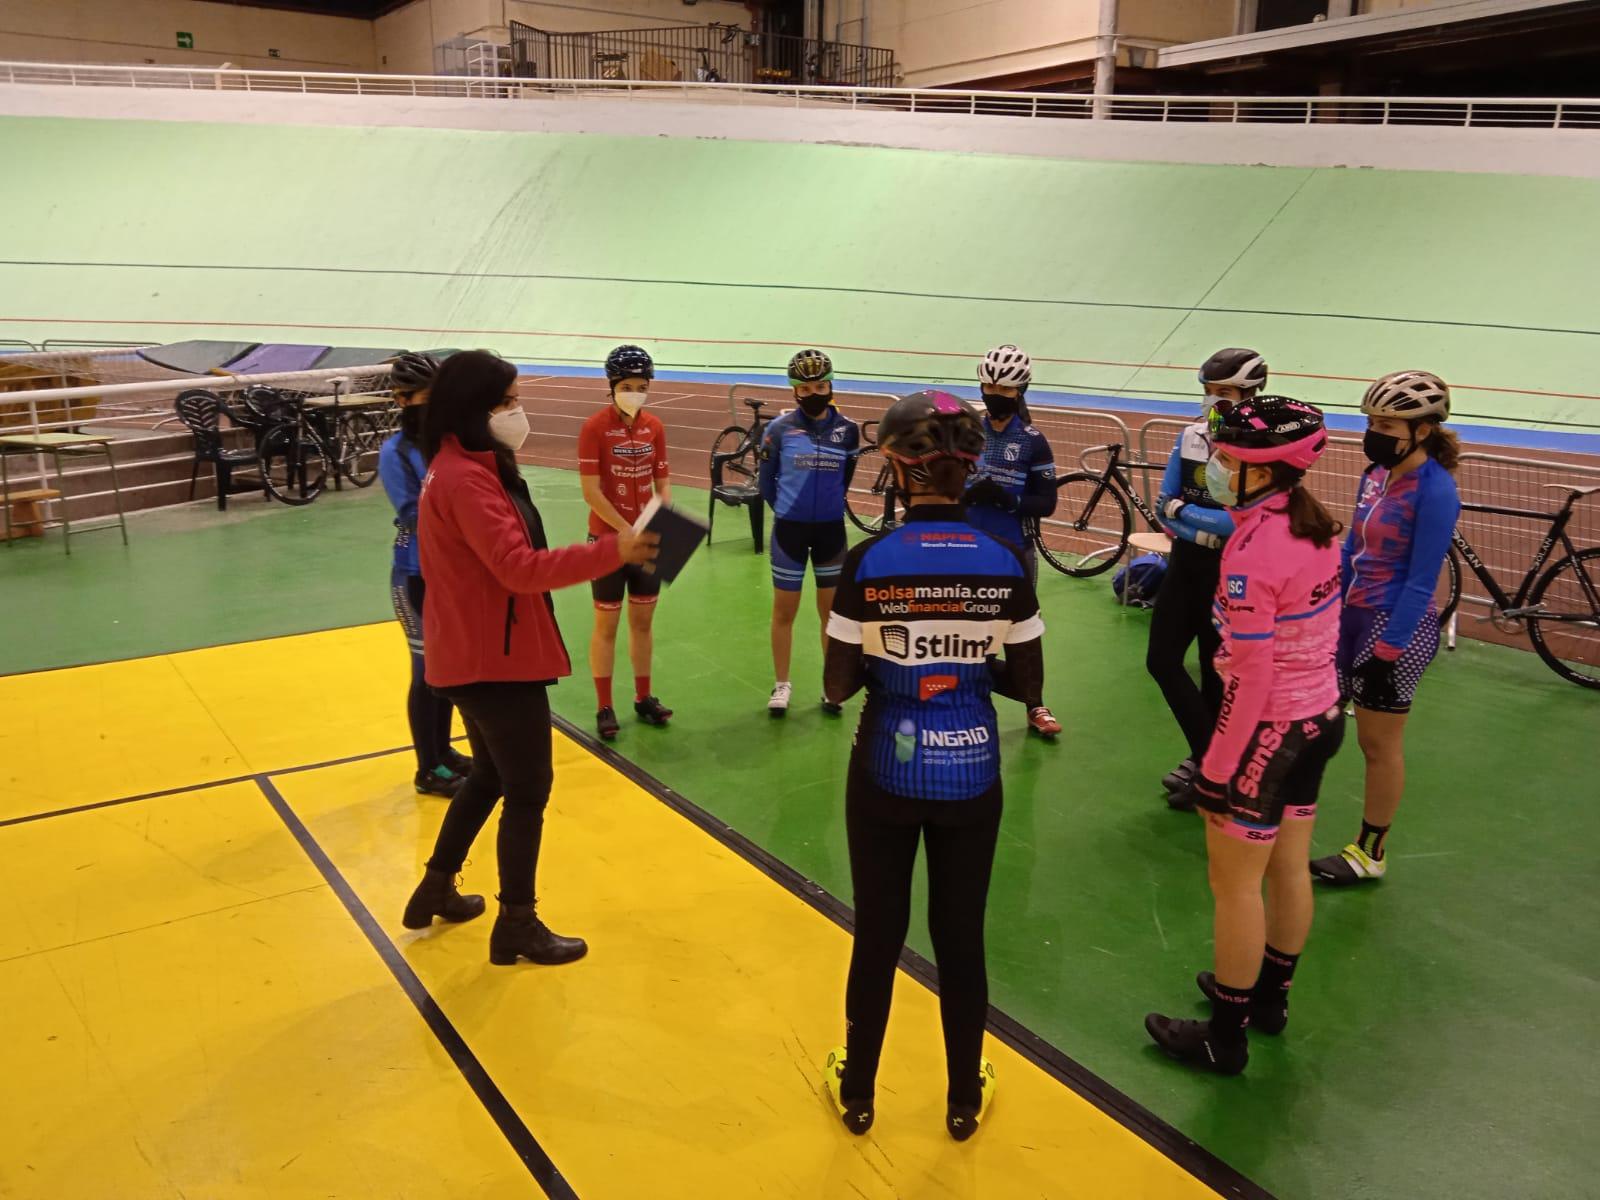 Las Comisiones de féminas y de pista ya trabajan con las juniors y cadetes de ruta